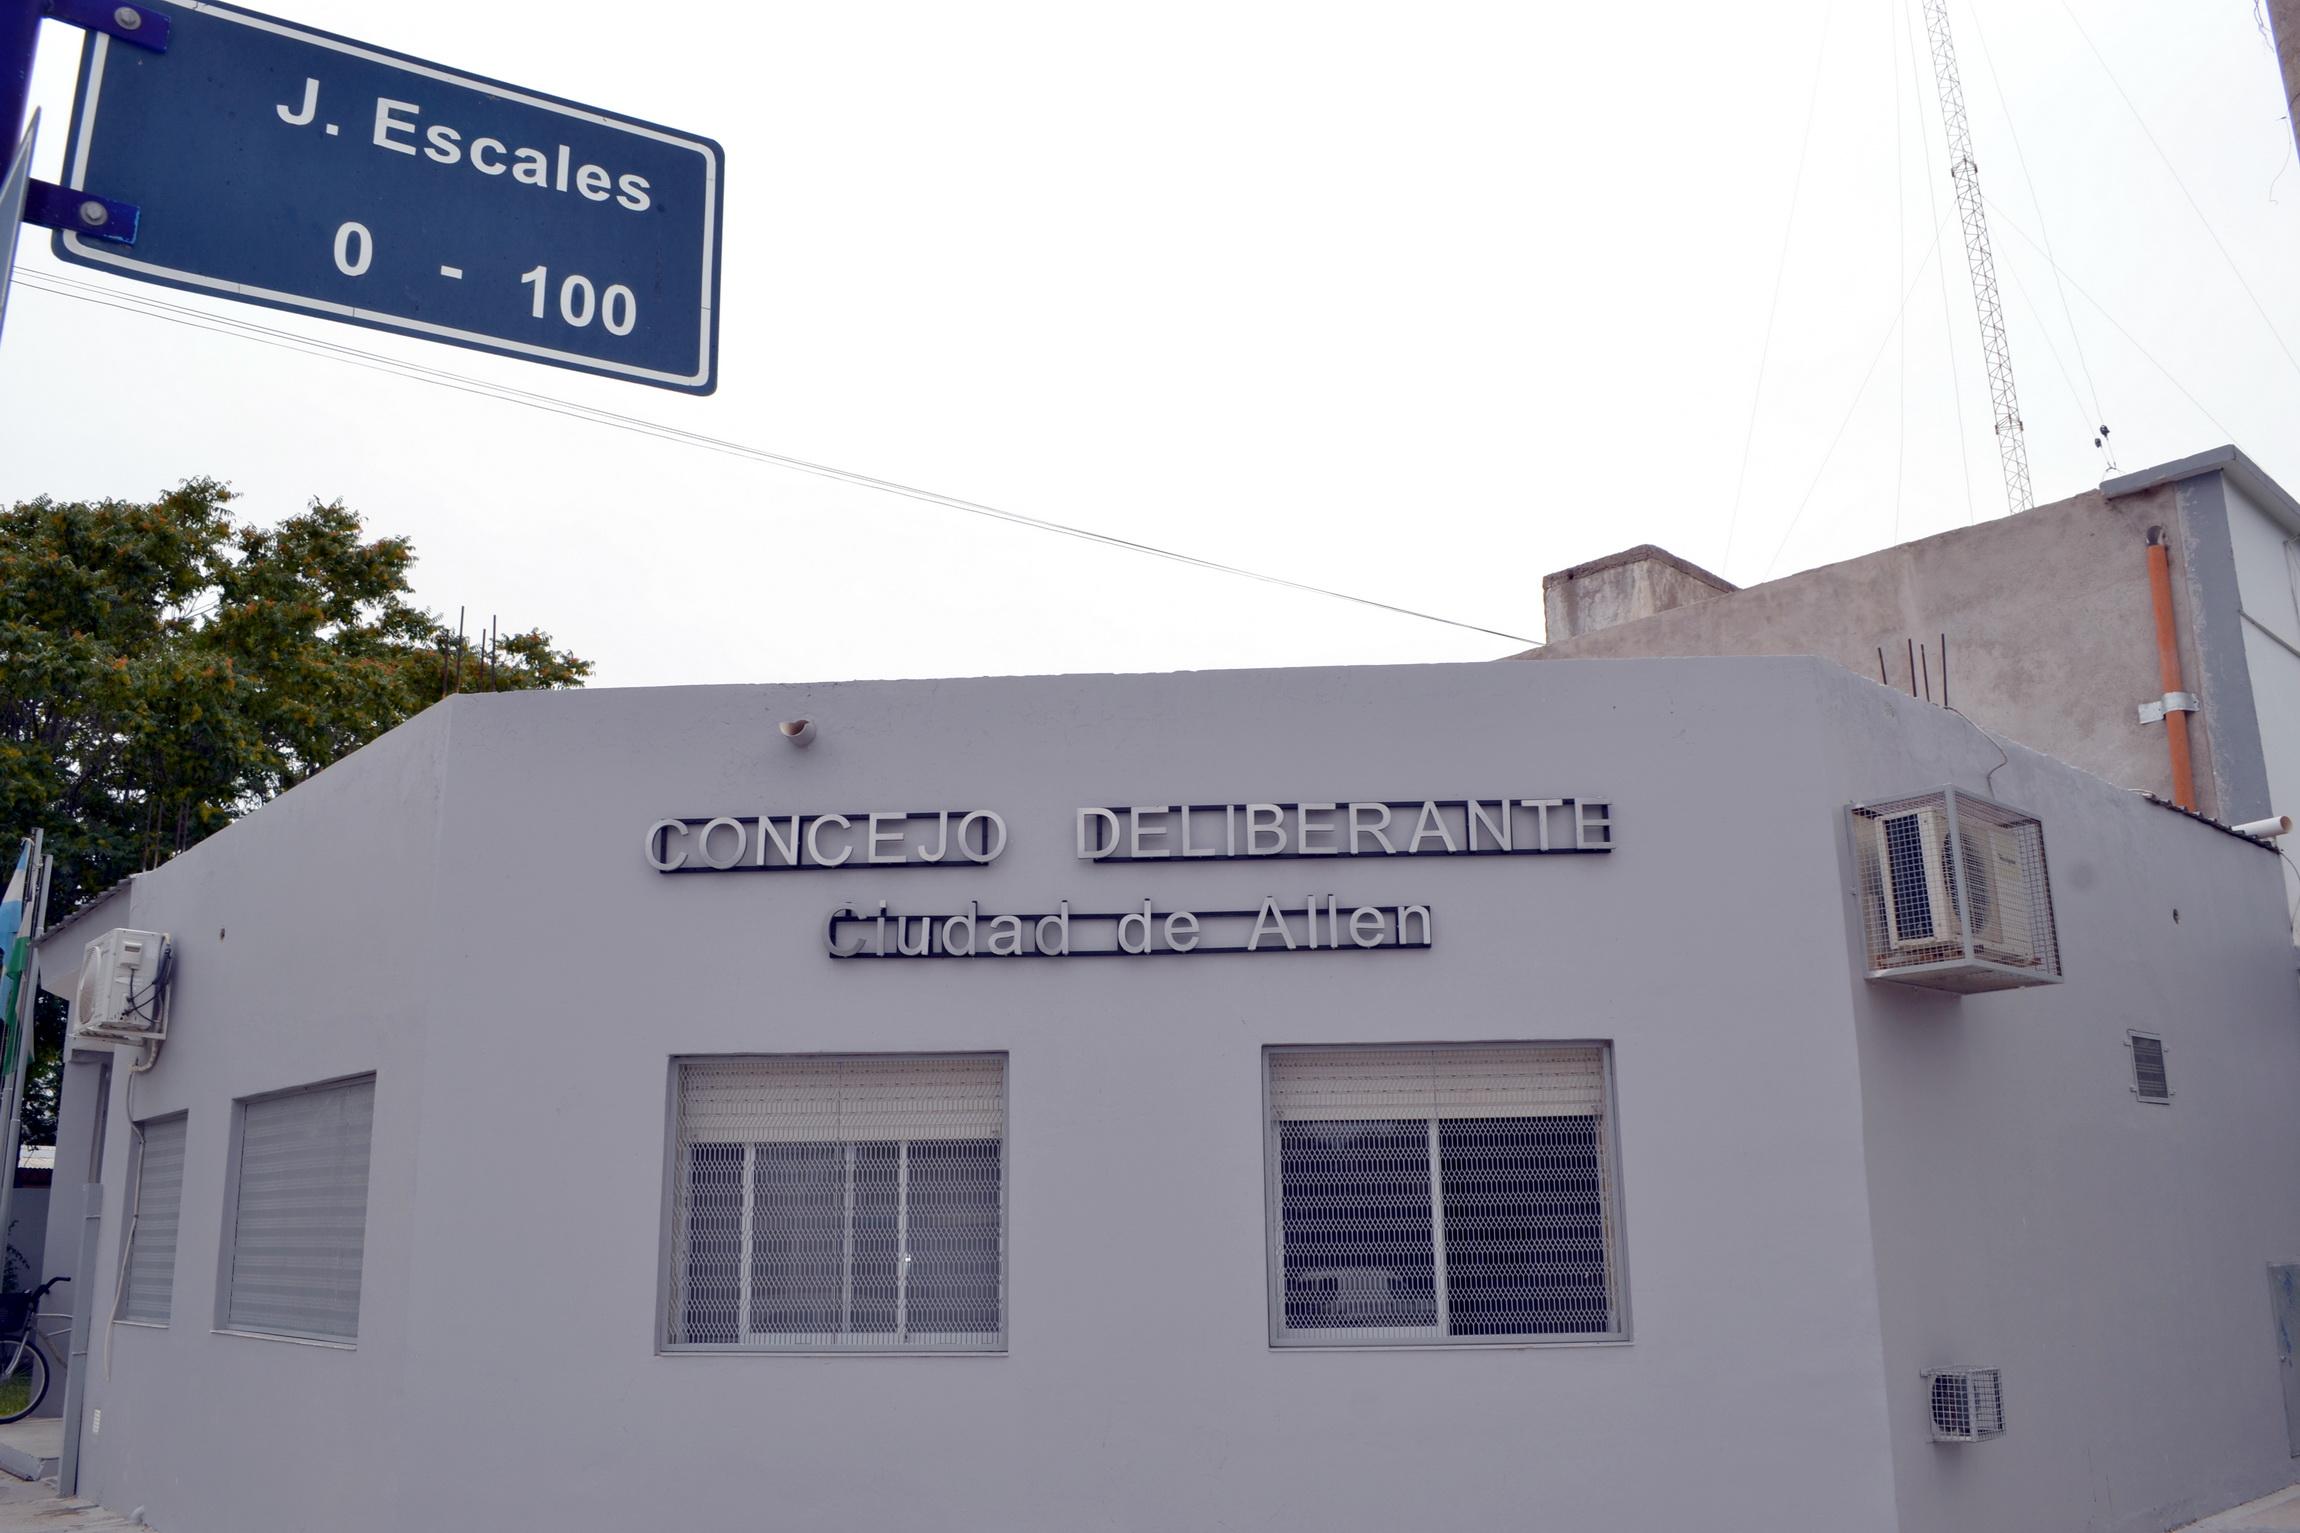 concejo-deliberante-edificio